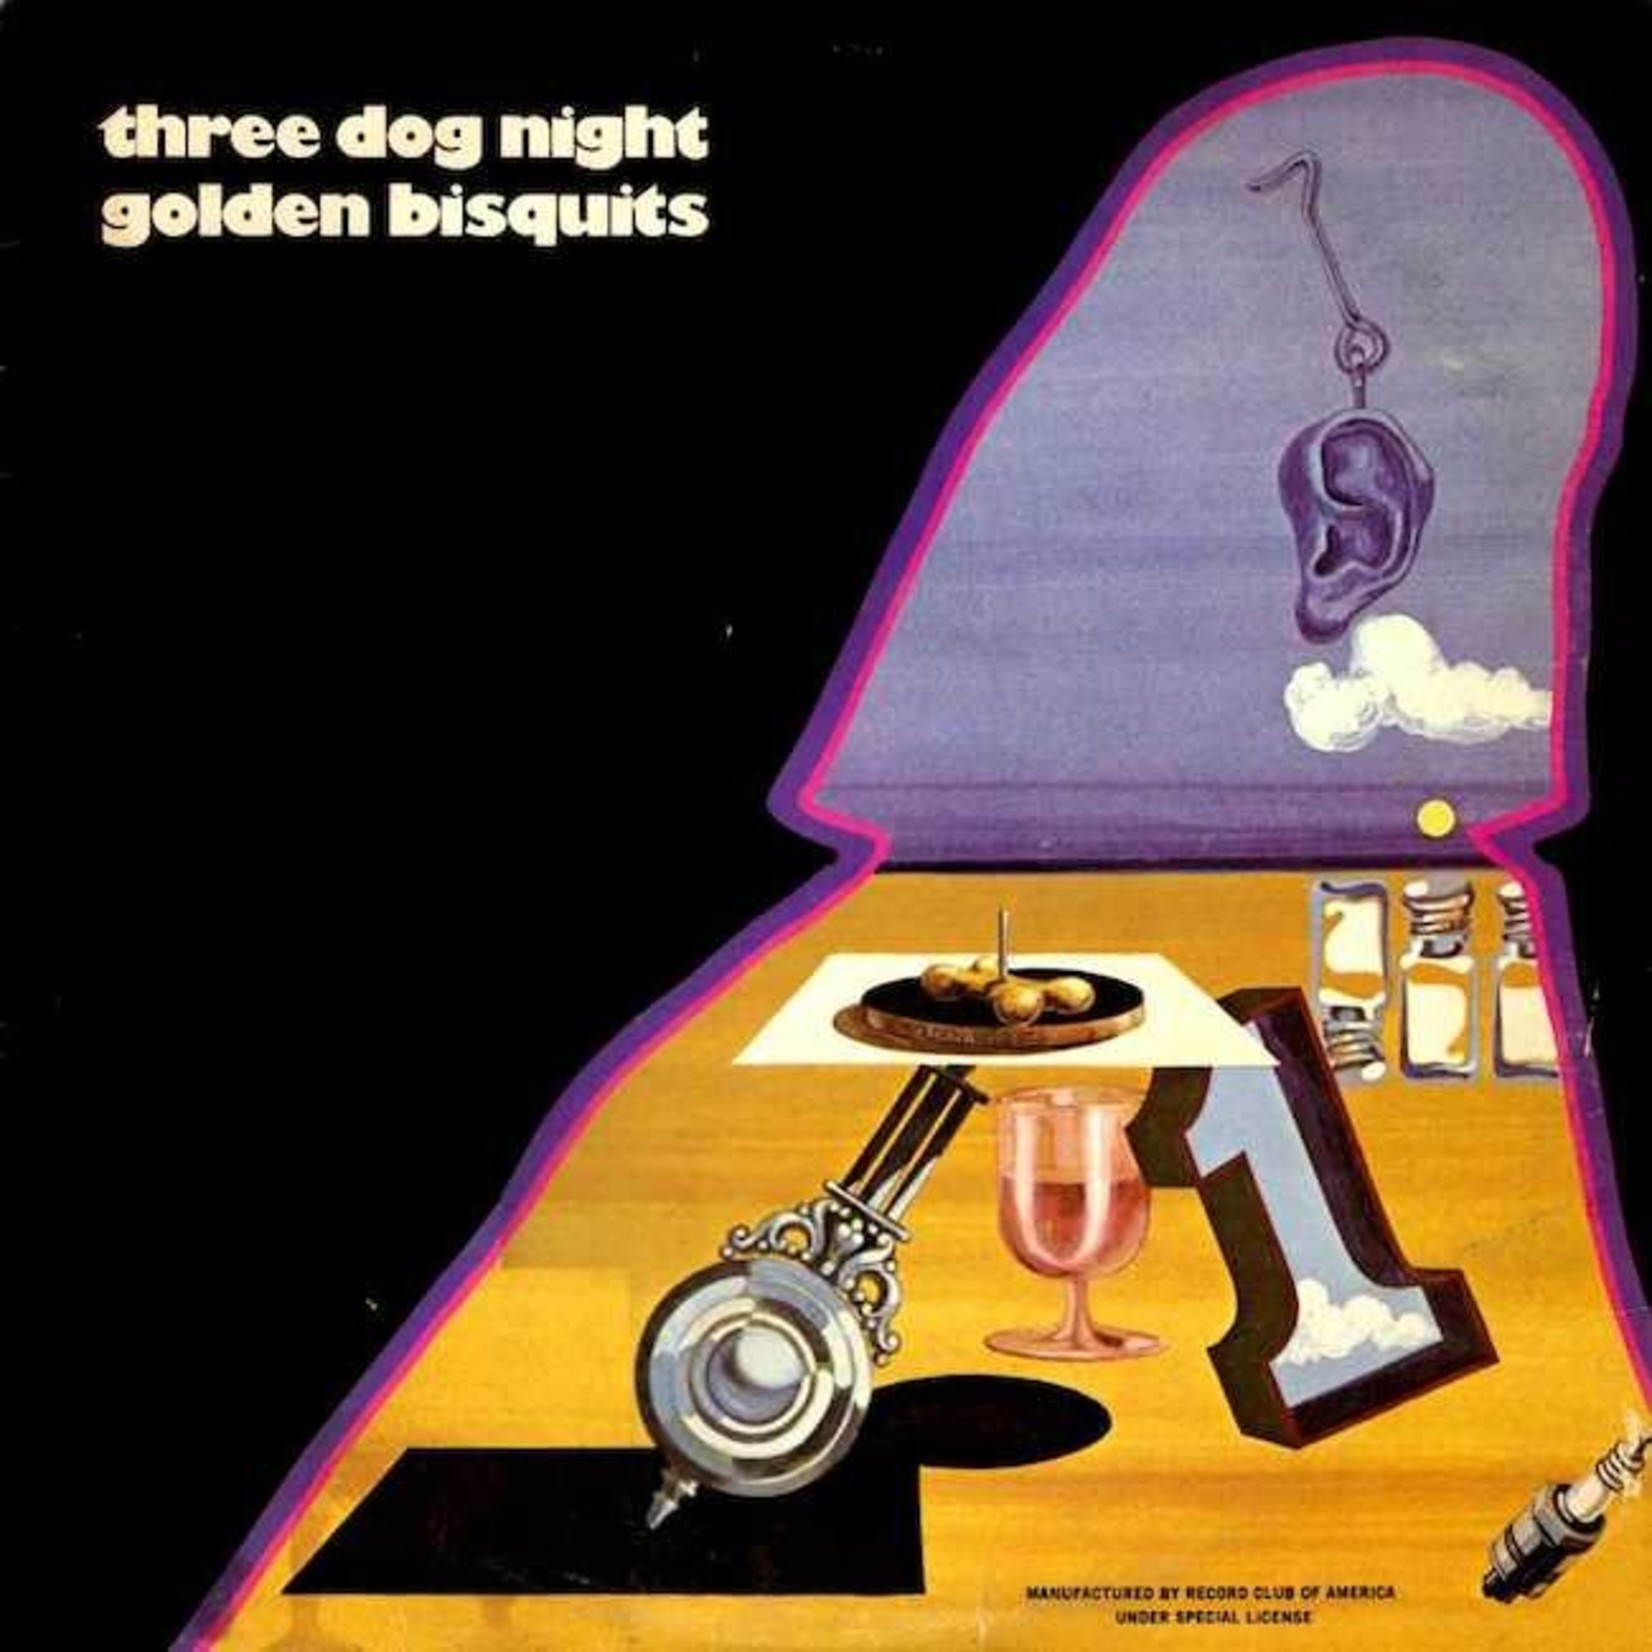 [Vintage] Three Dog Night: Golden Bisquits